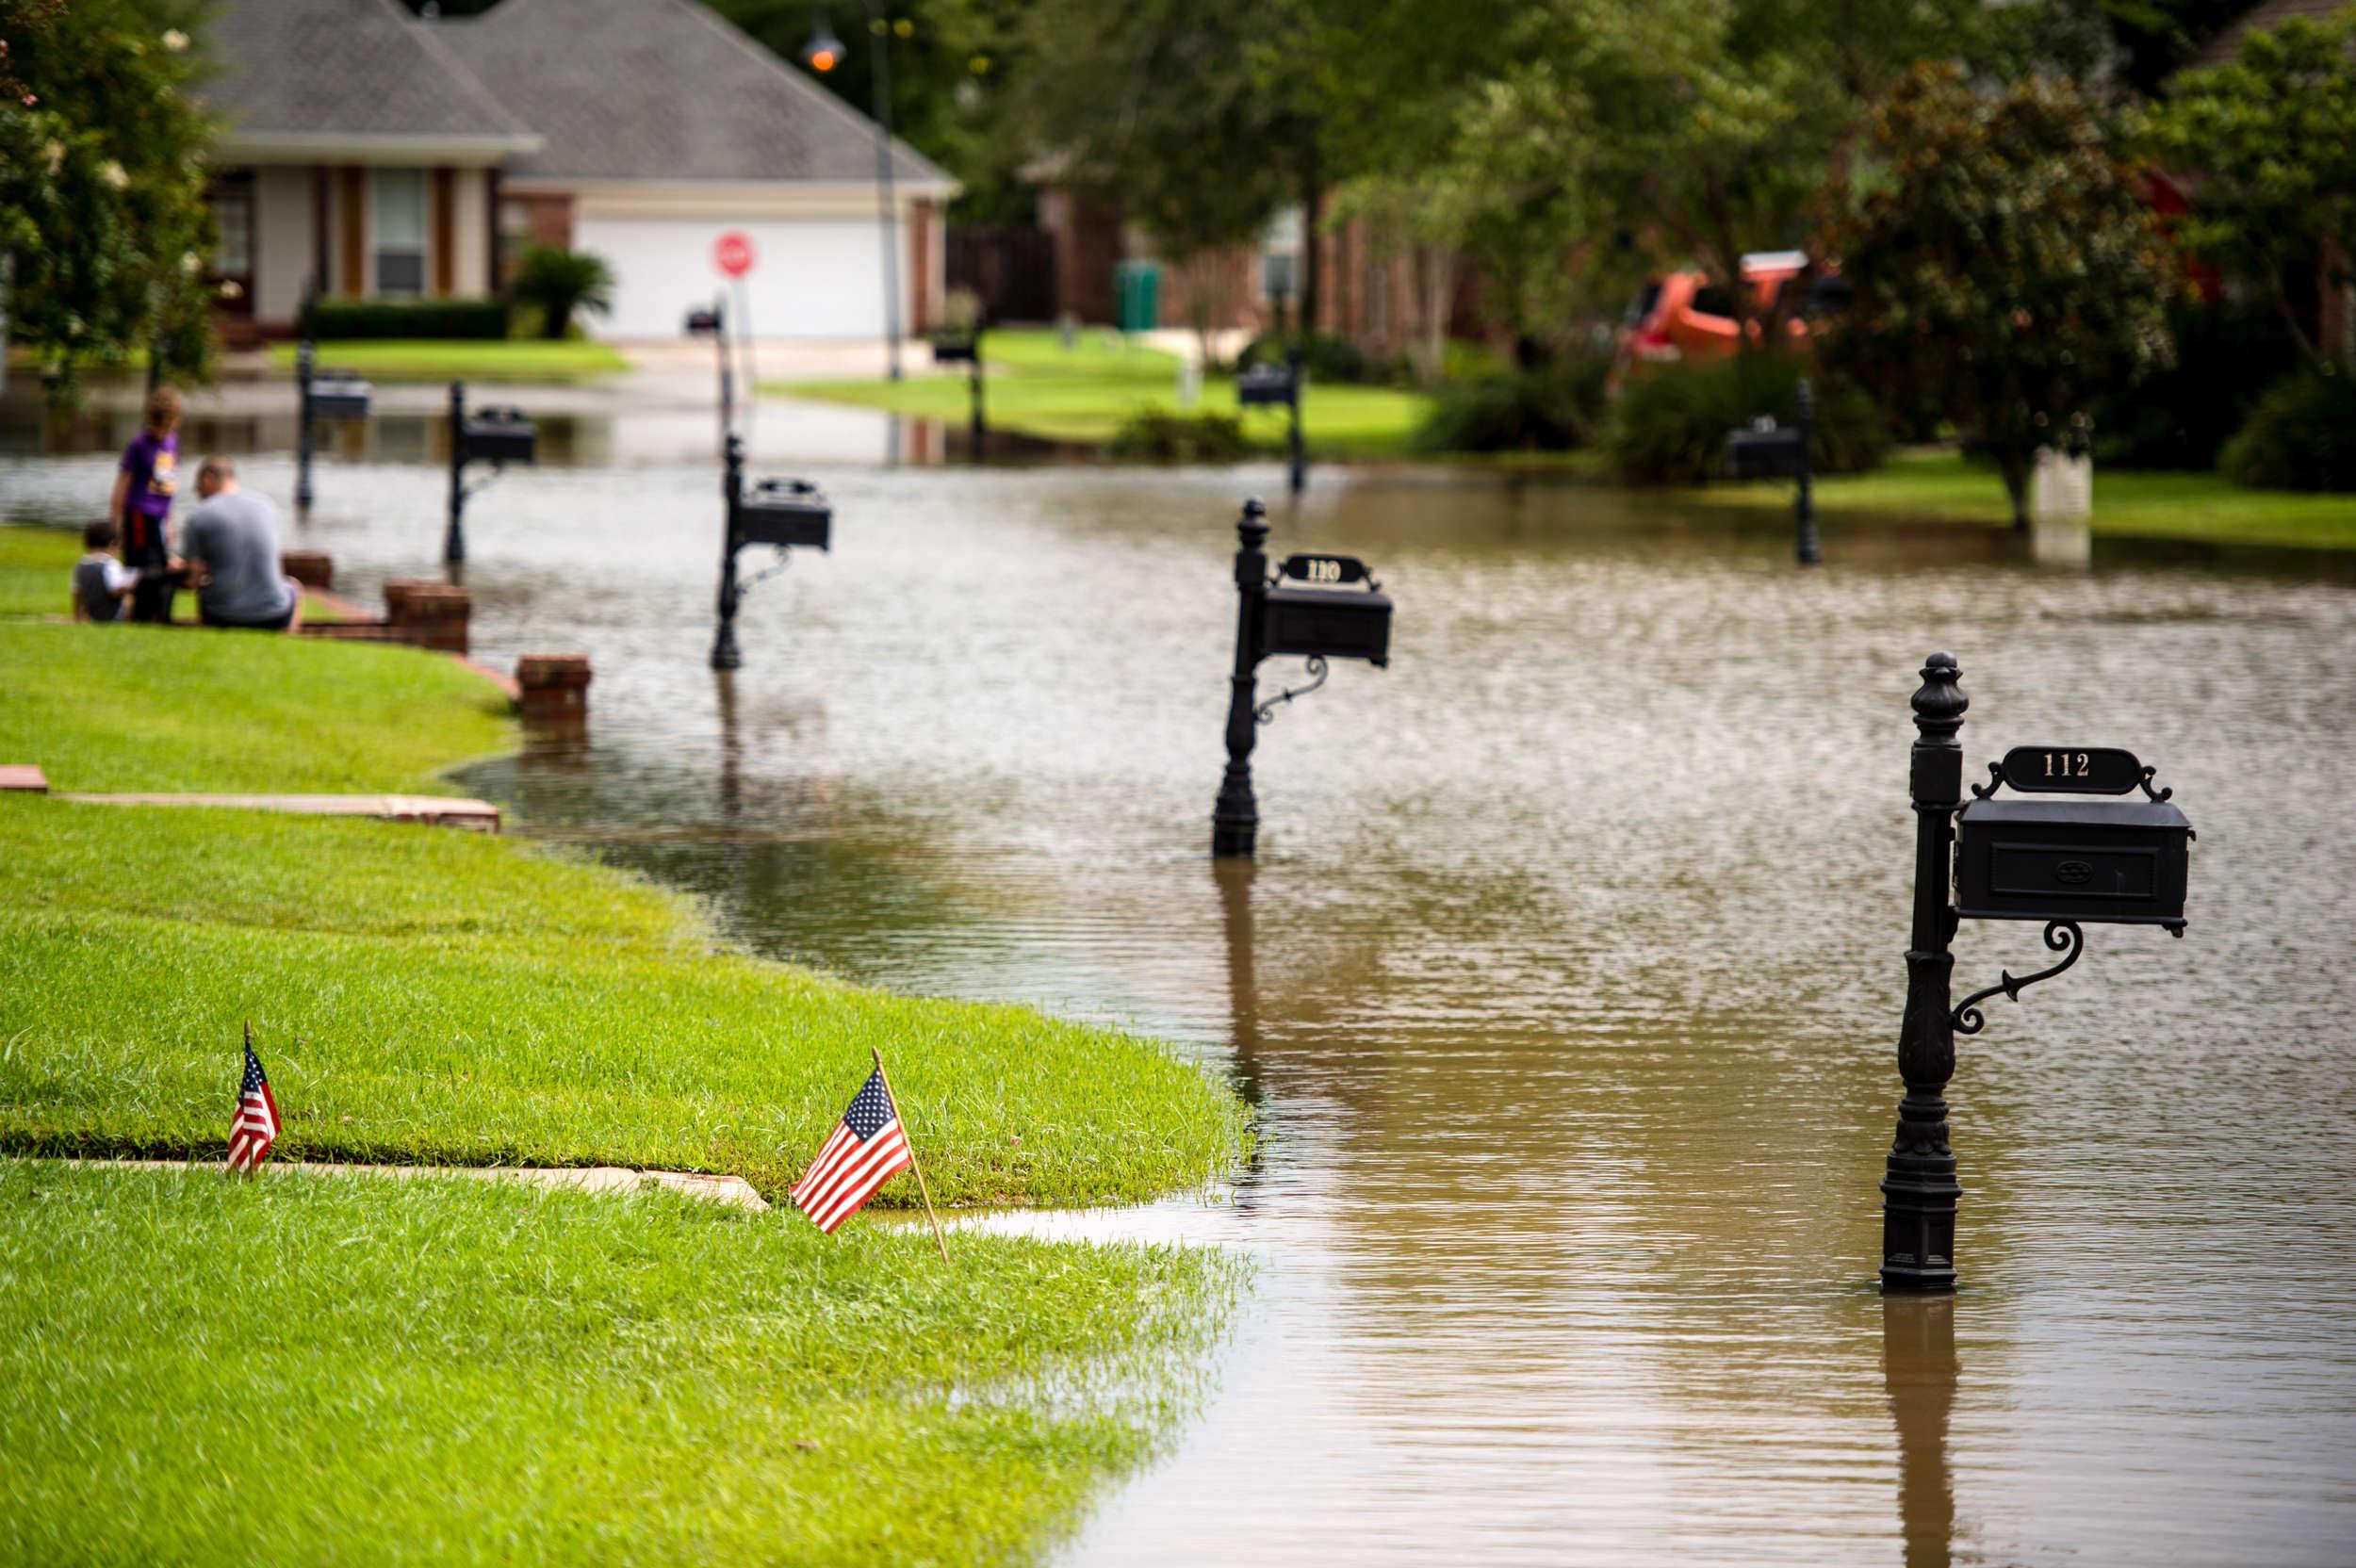 L'état de catastrophe naturelle décrété le 14aoûtpermet de débloquer des fonds fédéraux pour aider les principales villes touchées.